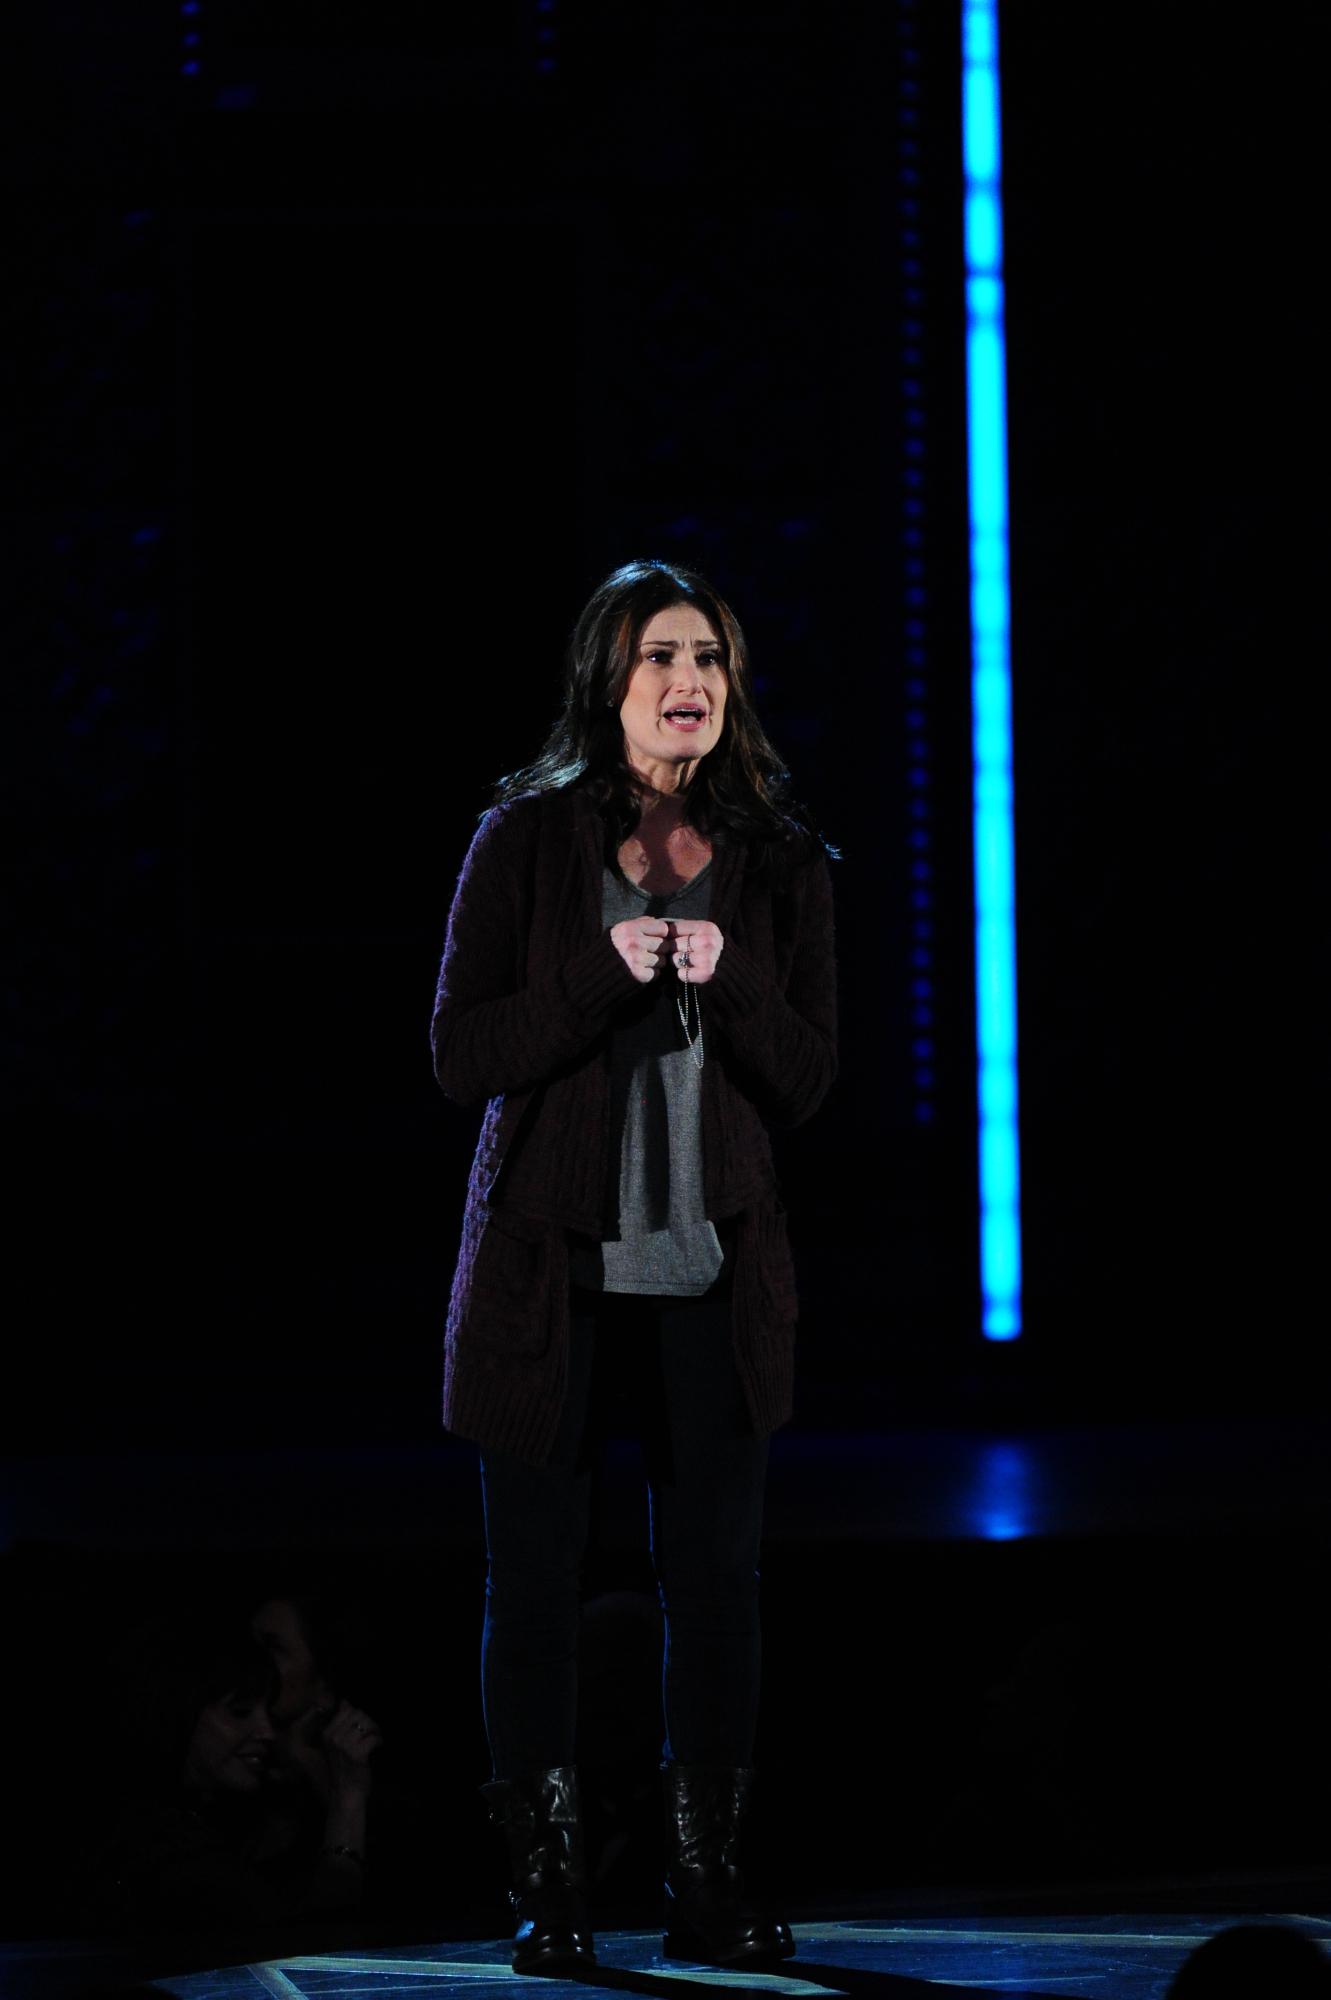 Idina Menzel for If/Then - 2014 Tony Awards